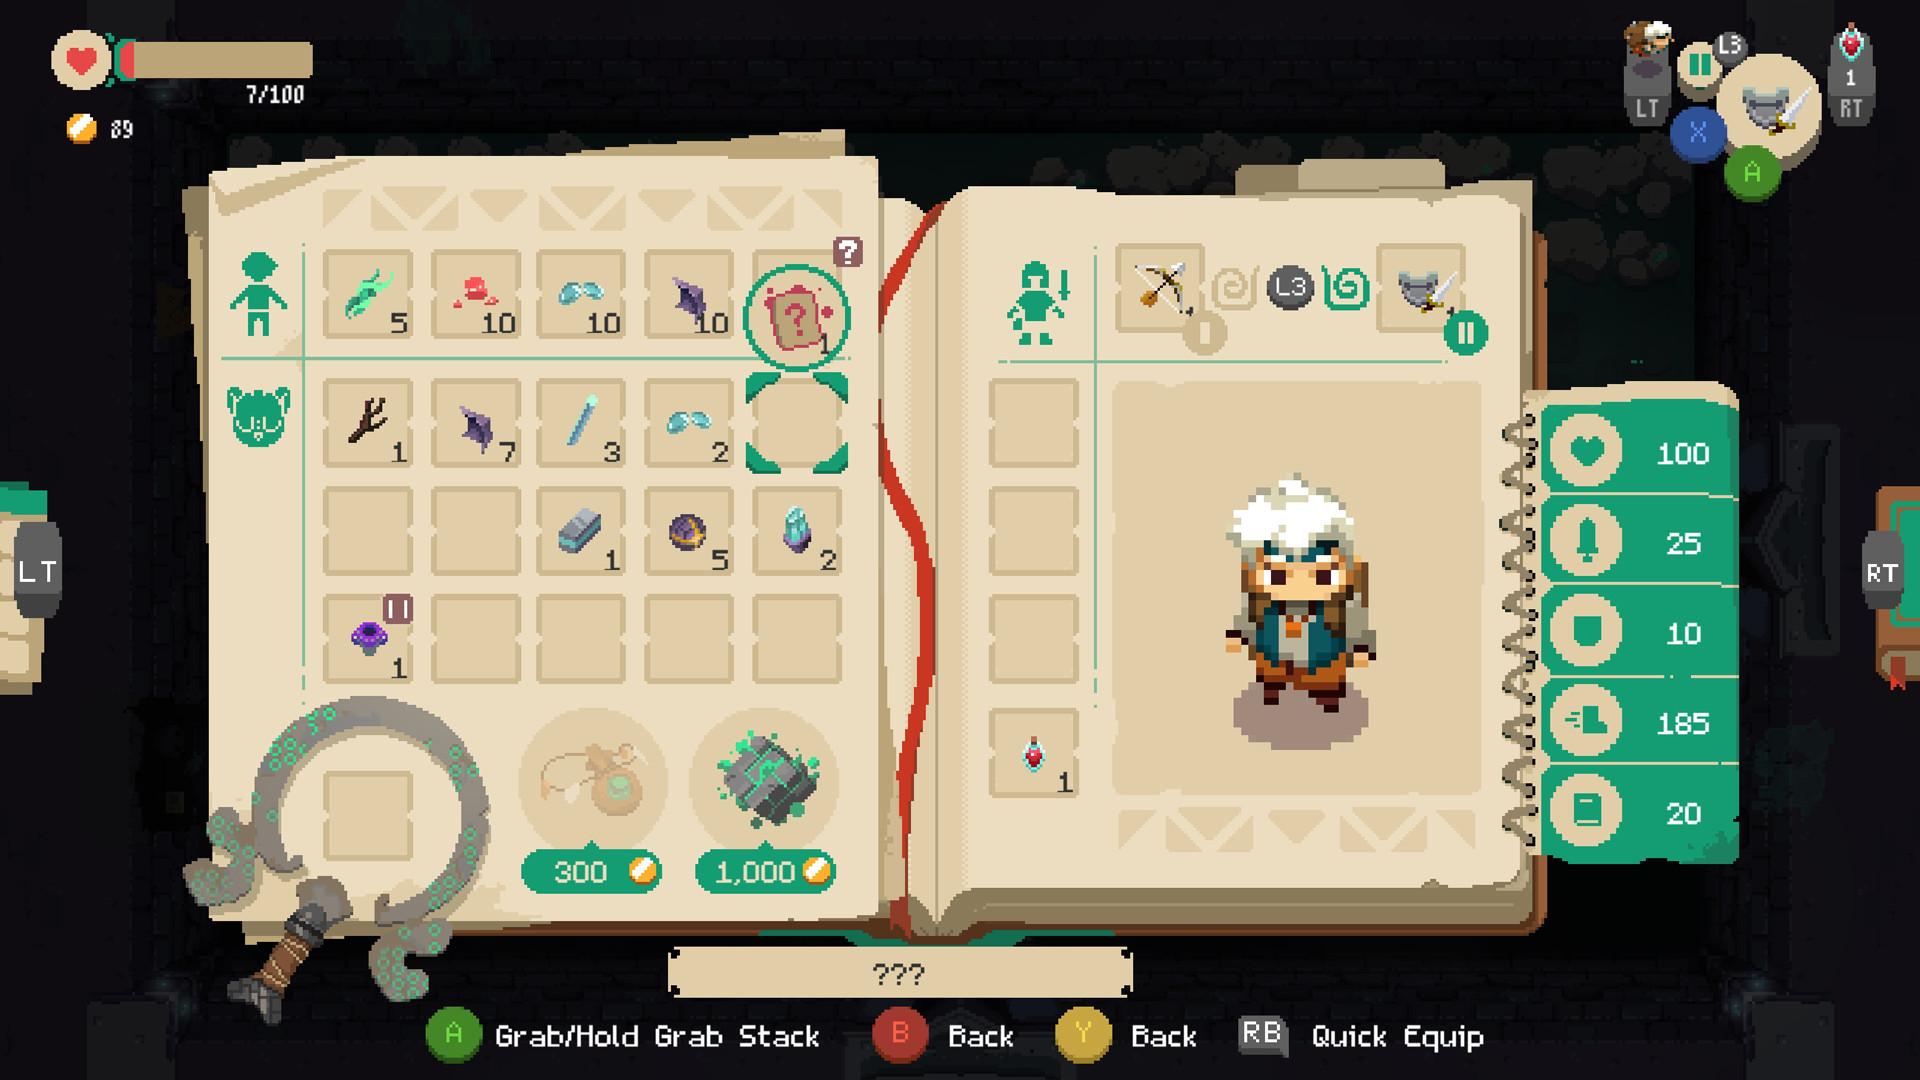 Скриншот к игре Moonlighter v.1.11.22 [GOG] (2018) скачать торрент Лицензия